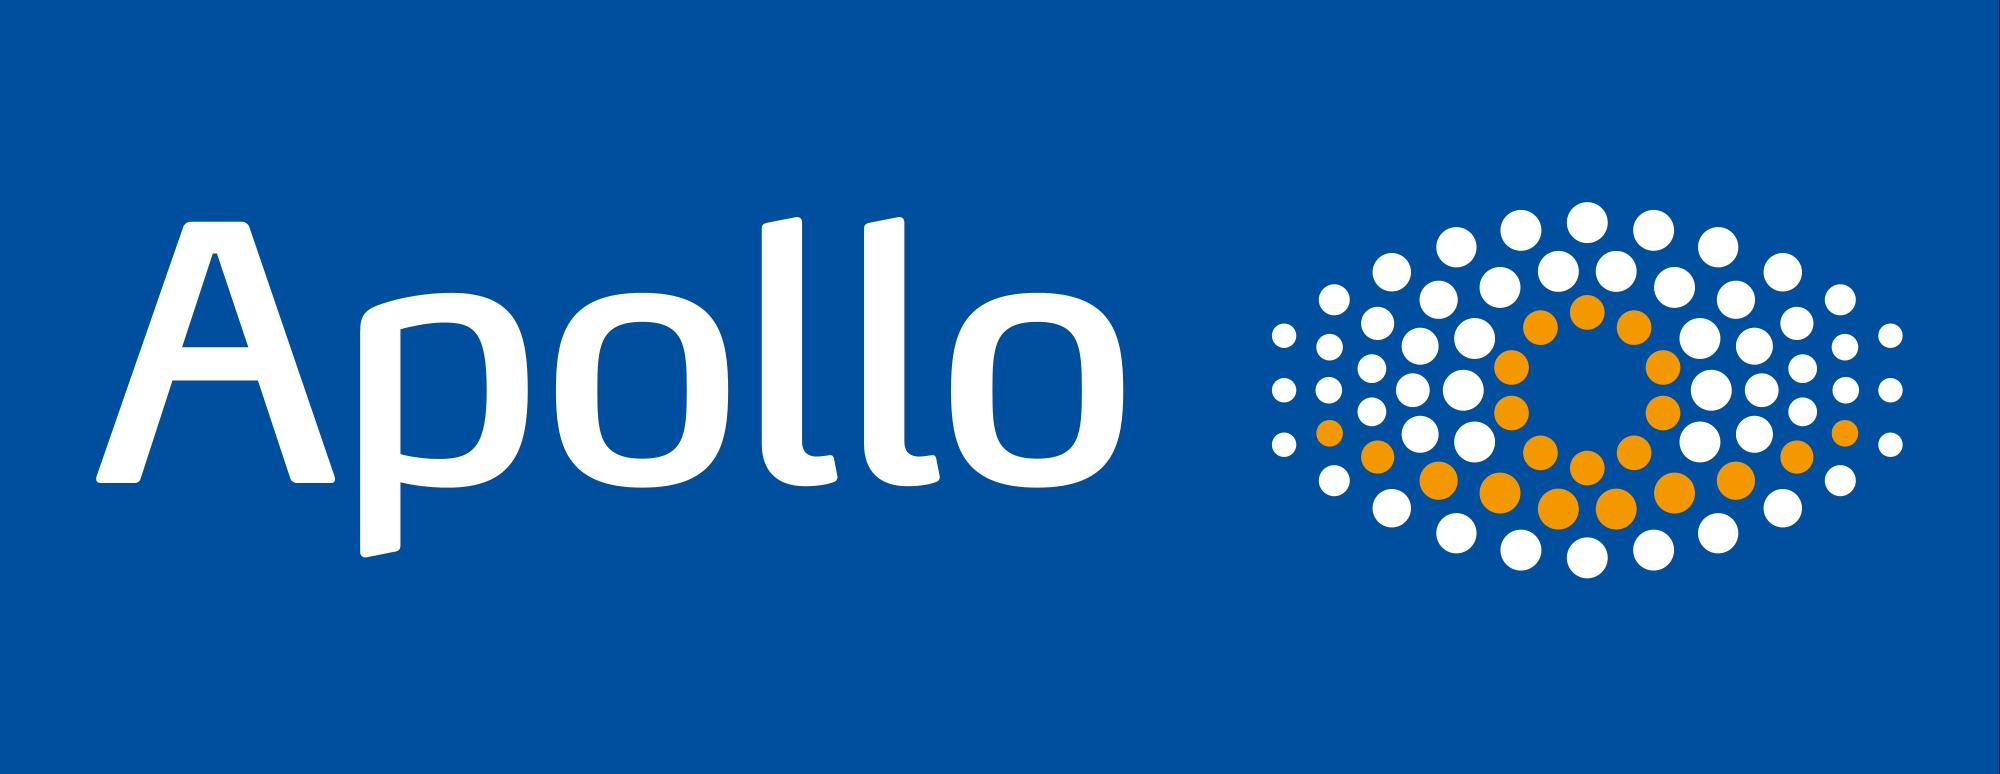 Apollo Optik Inh. HBS Optik GmbH